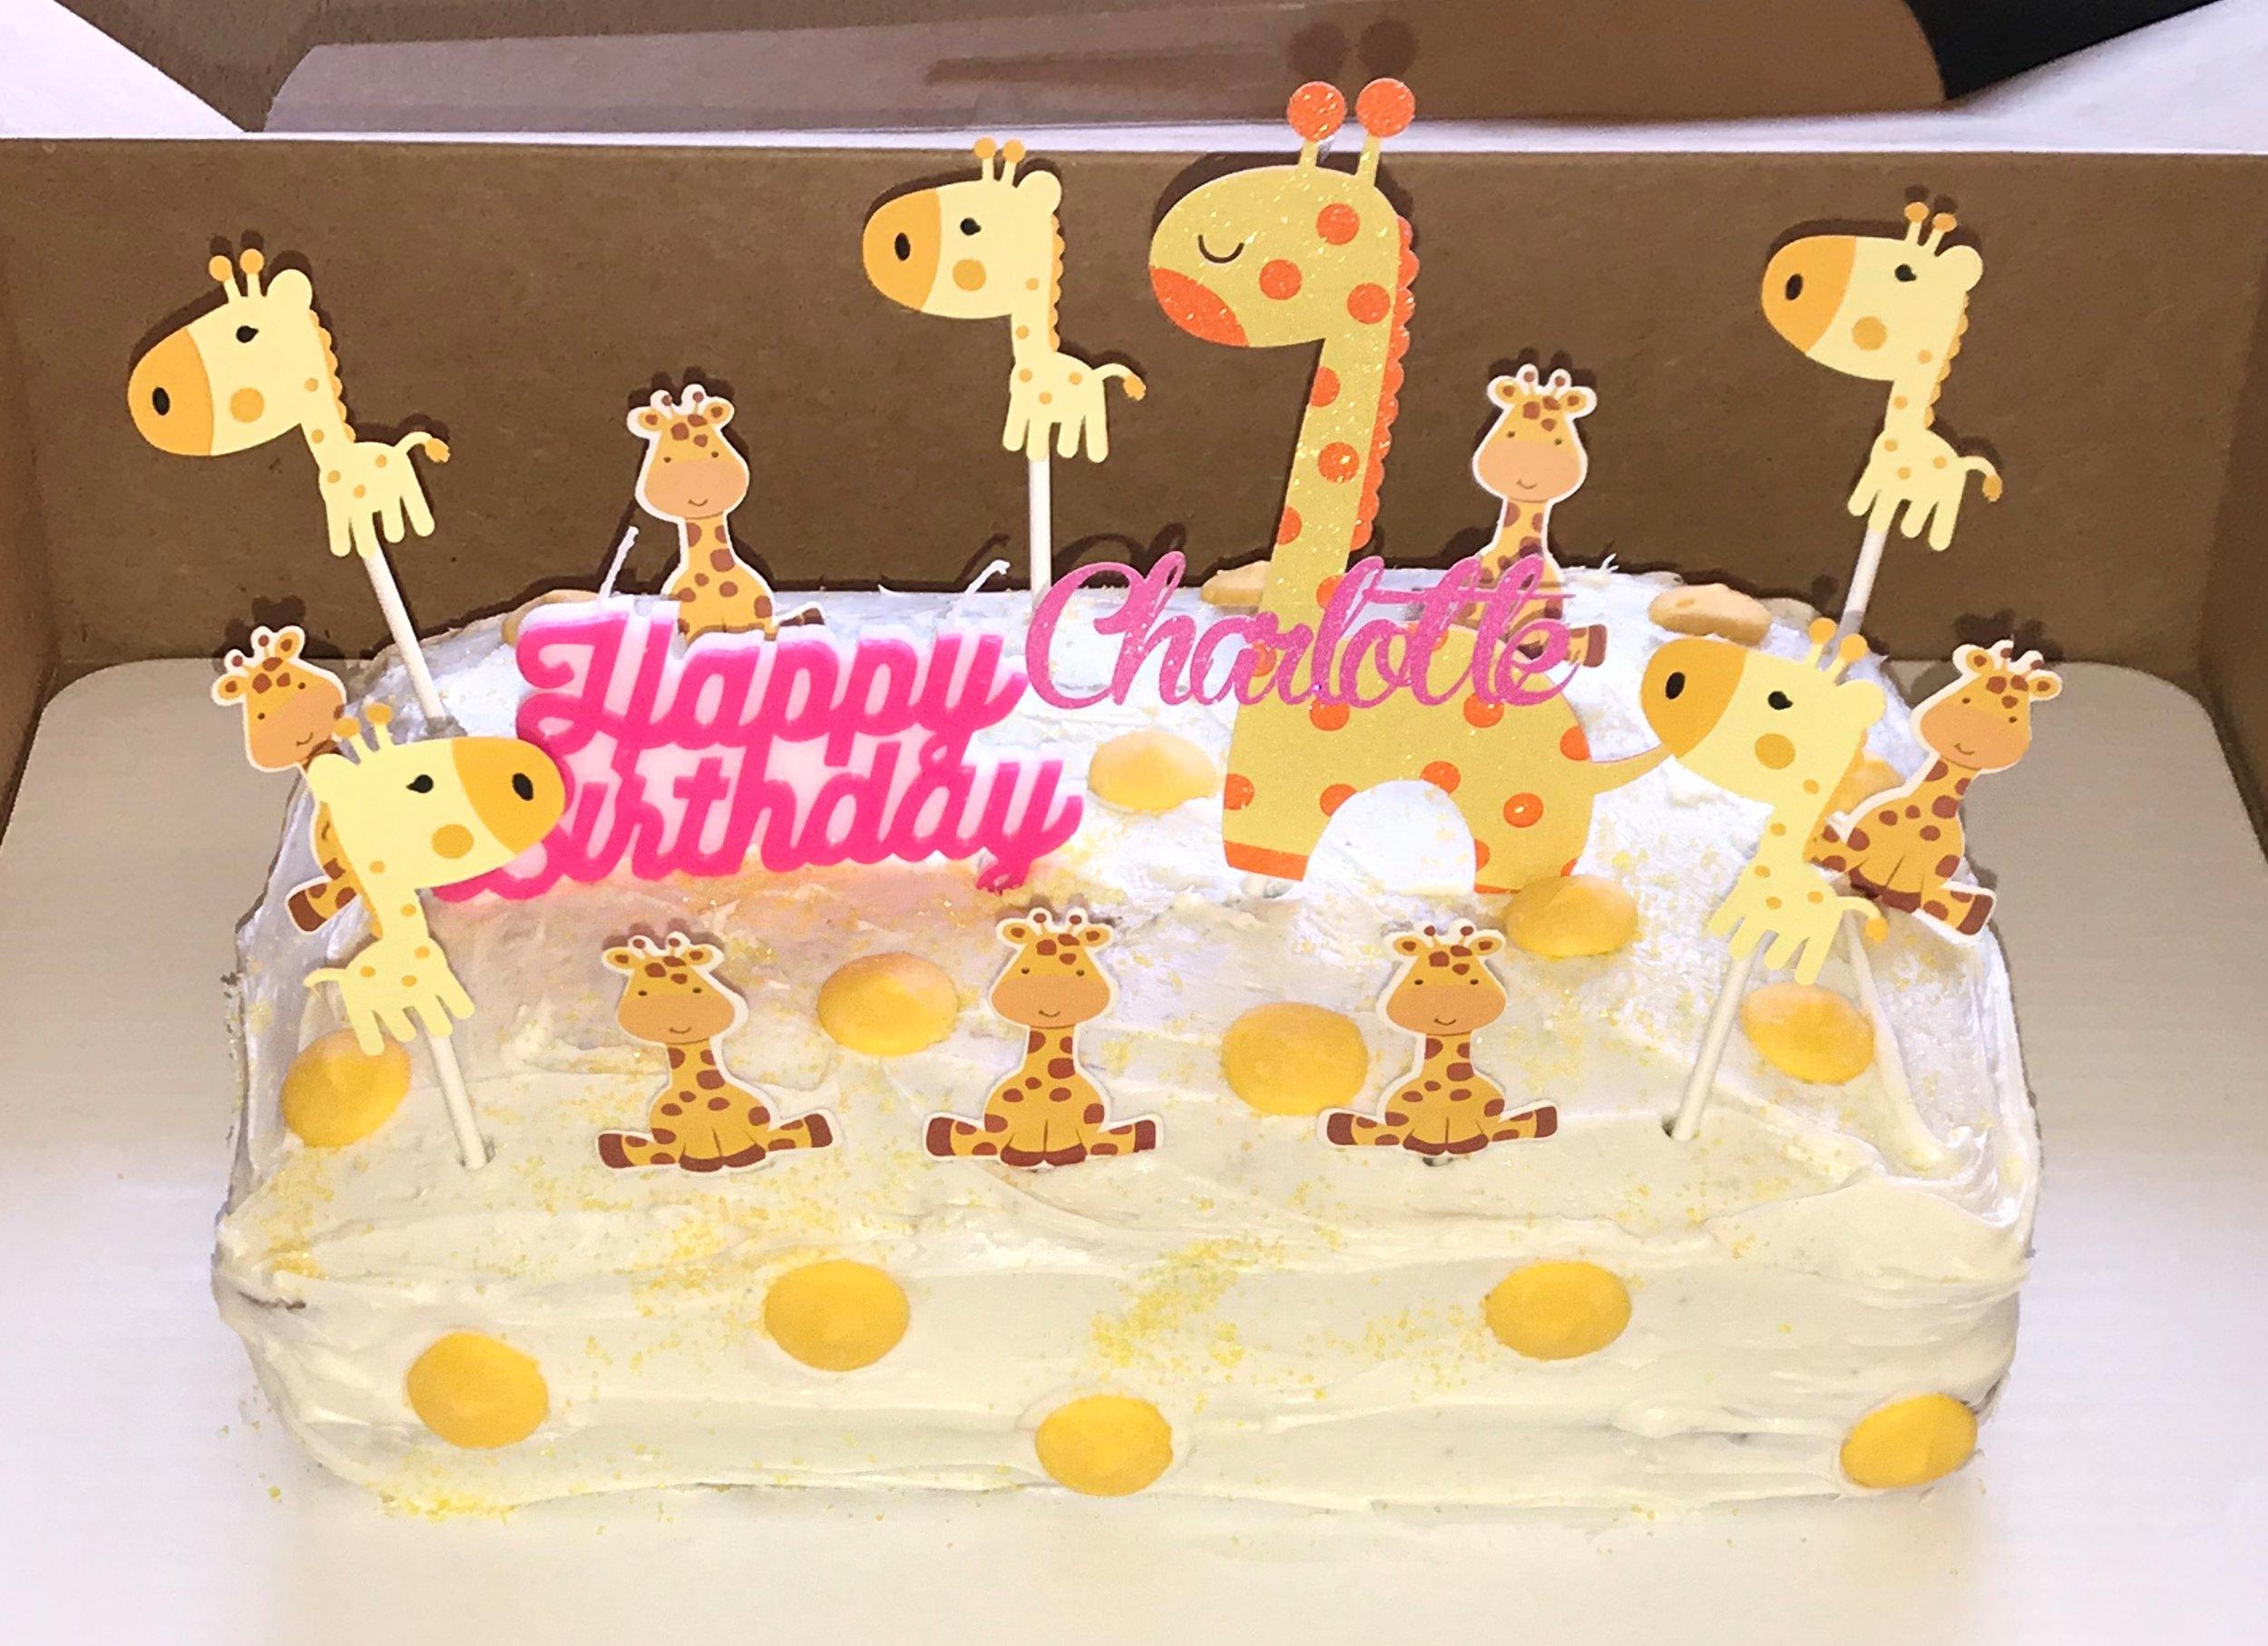 Giraffe cake.jpg